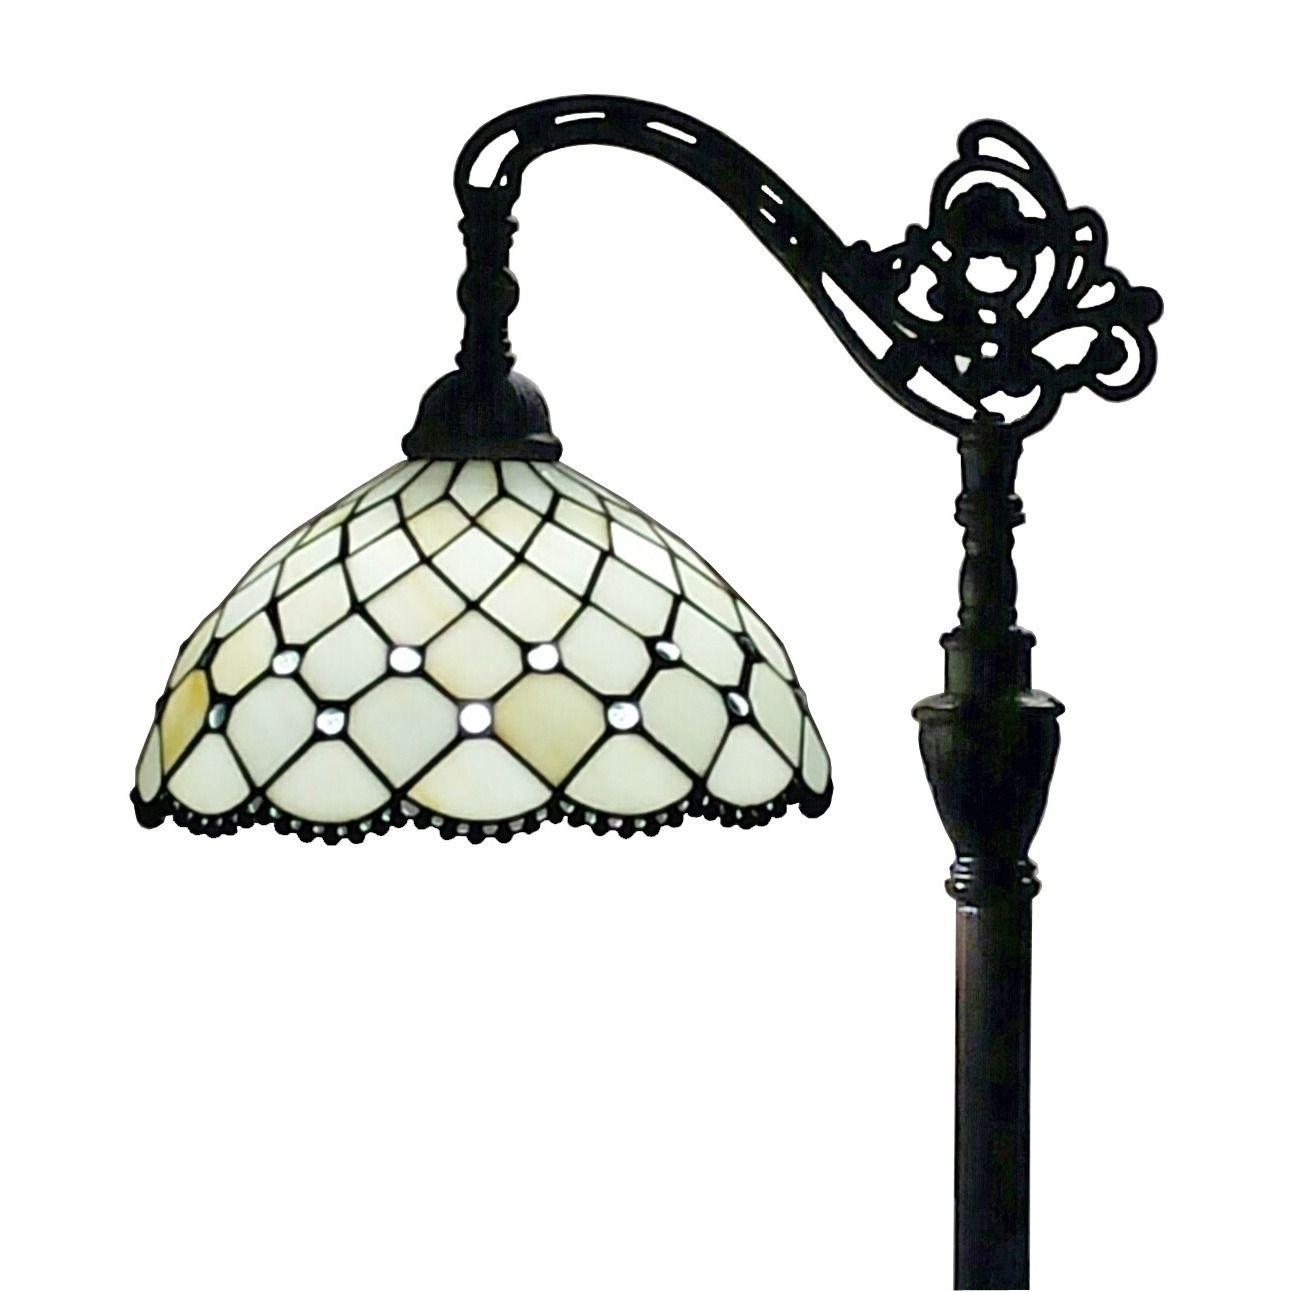 Amora lighting tiffany style jeweled reading floor lamp 62 in amora lighting tiffany style jeweled reading floor lamp 62 in adjustable shade aloadofball Images